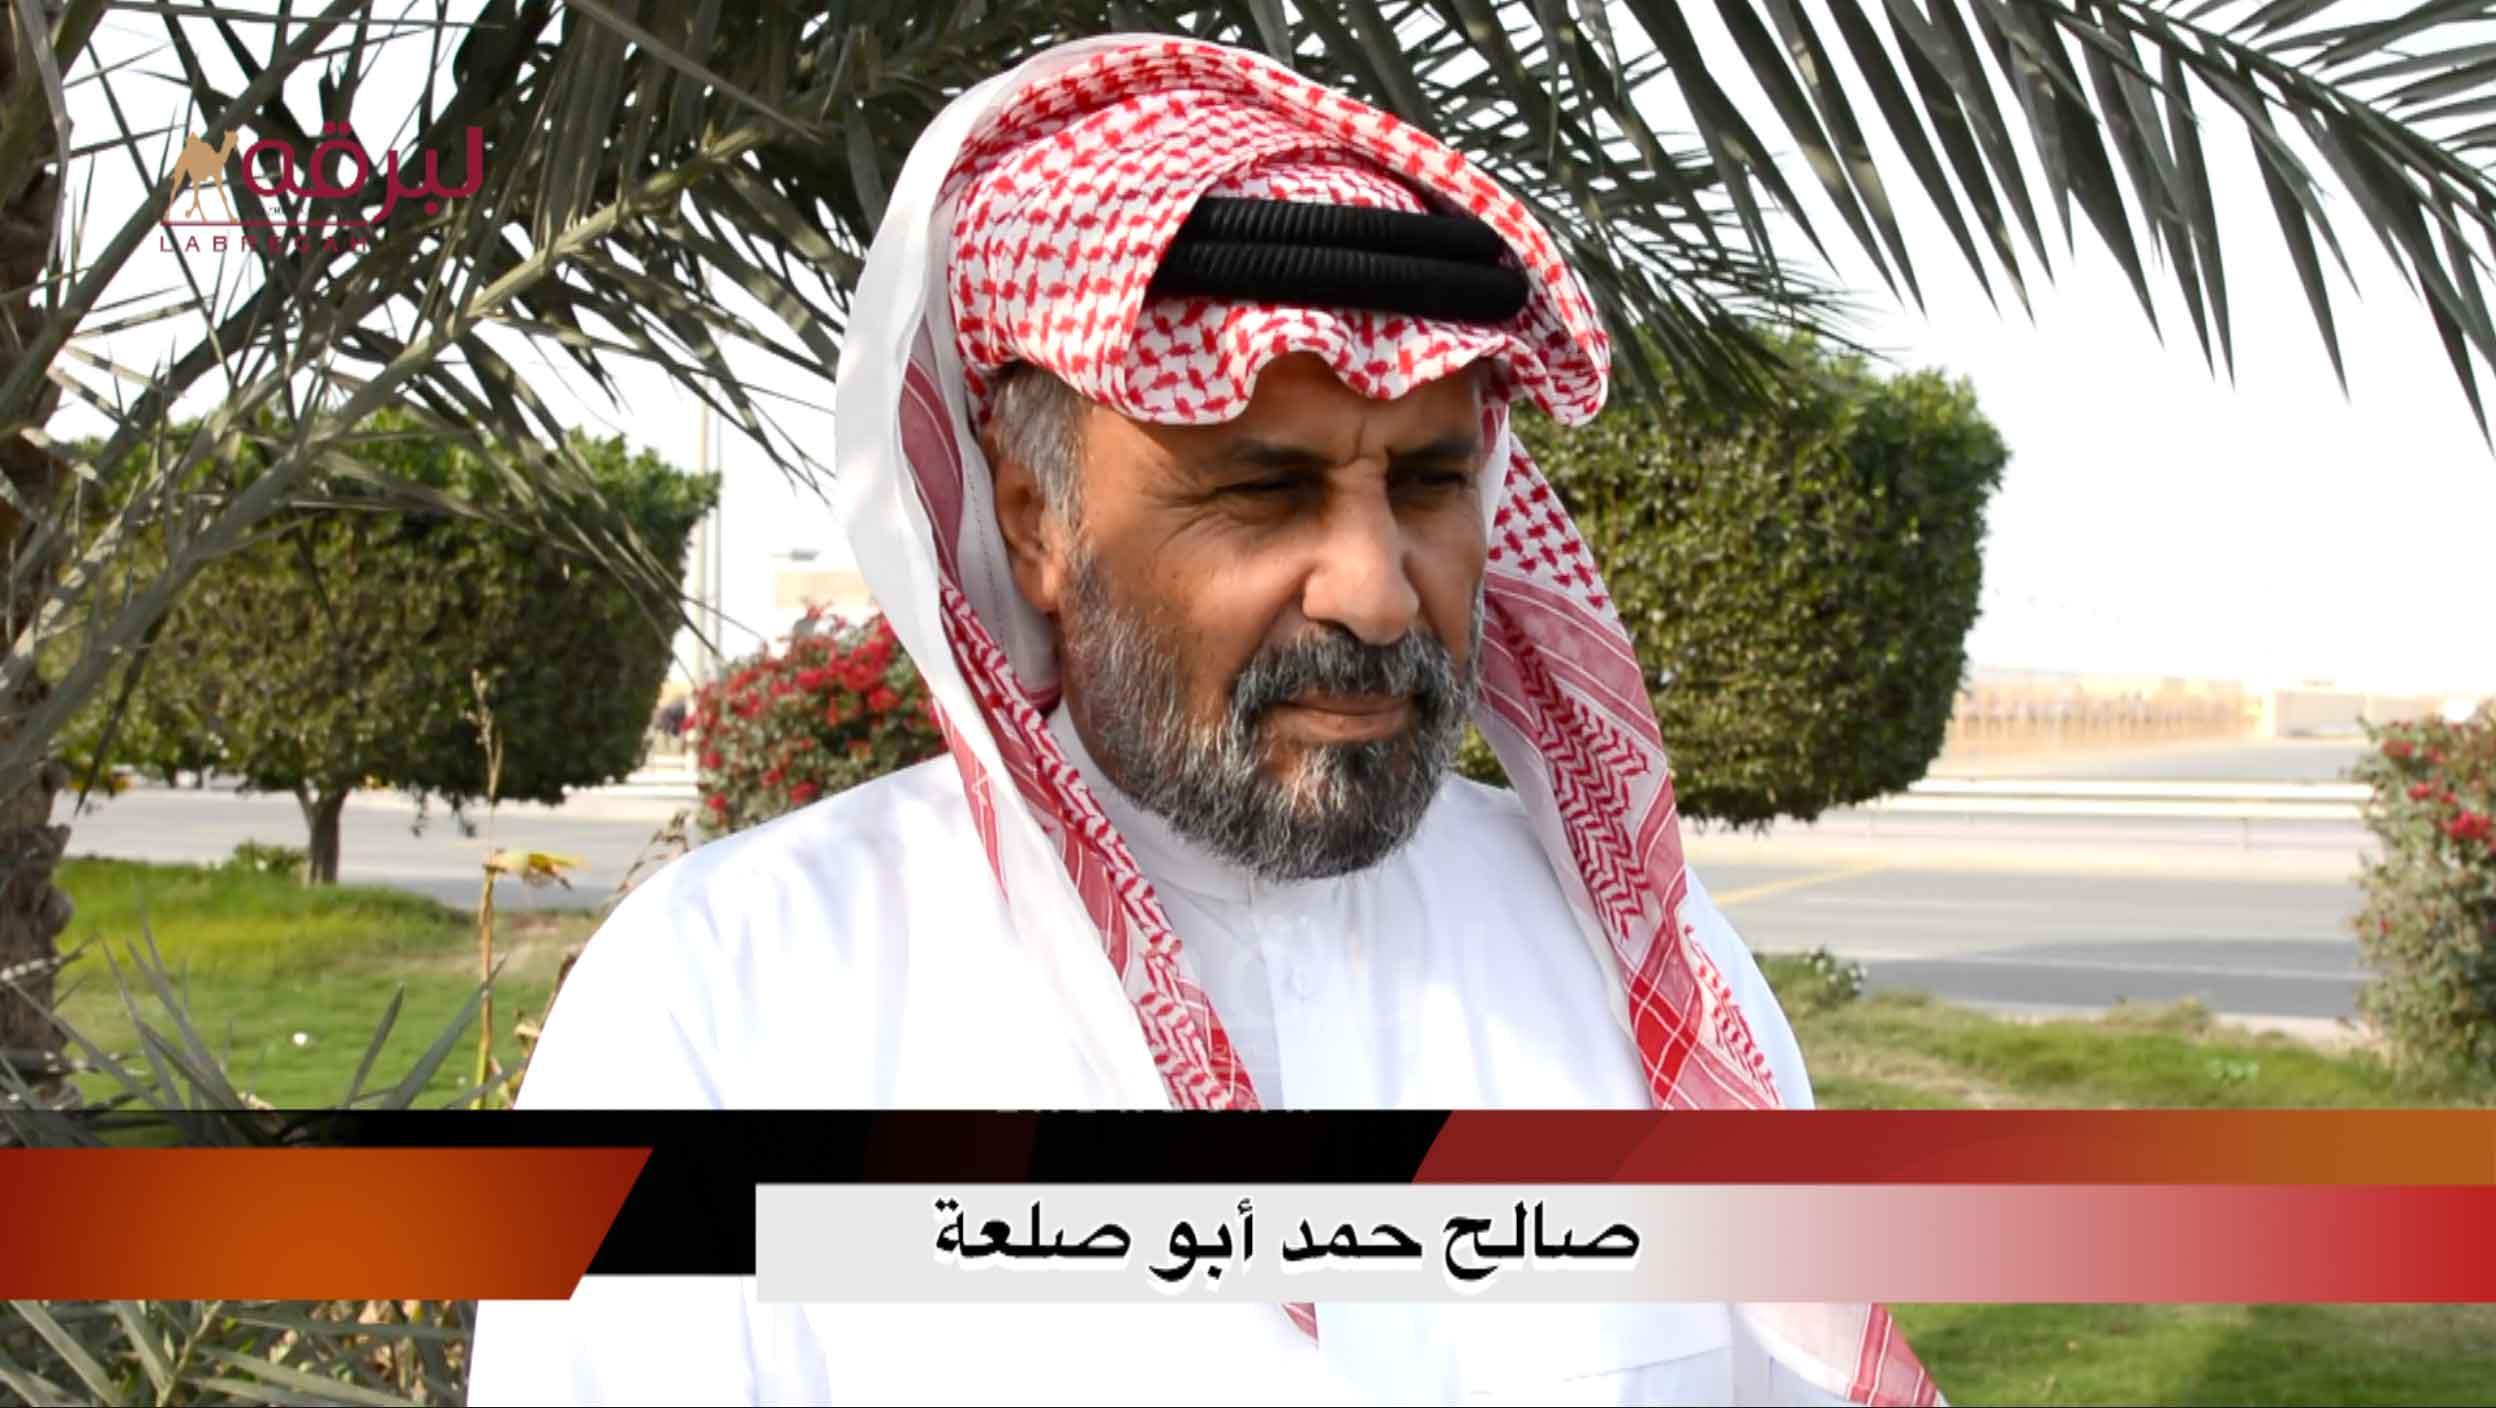 لقاء مع صالح حمد أبو صلعة.. الشوط الرئيسي حقايق قعدان « إنتاج » الأشواط العامة  ٢٥-٢-٢٠٢١